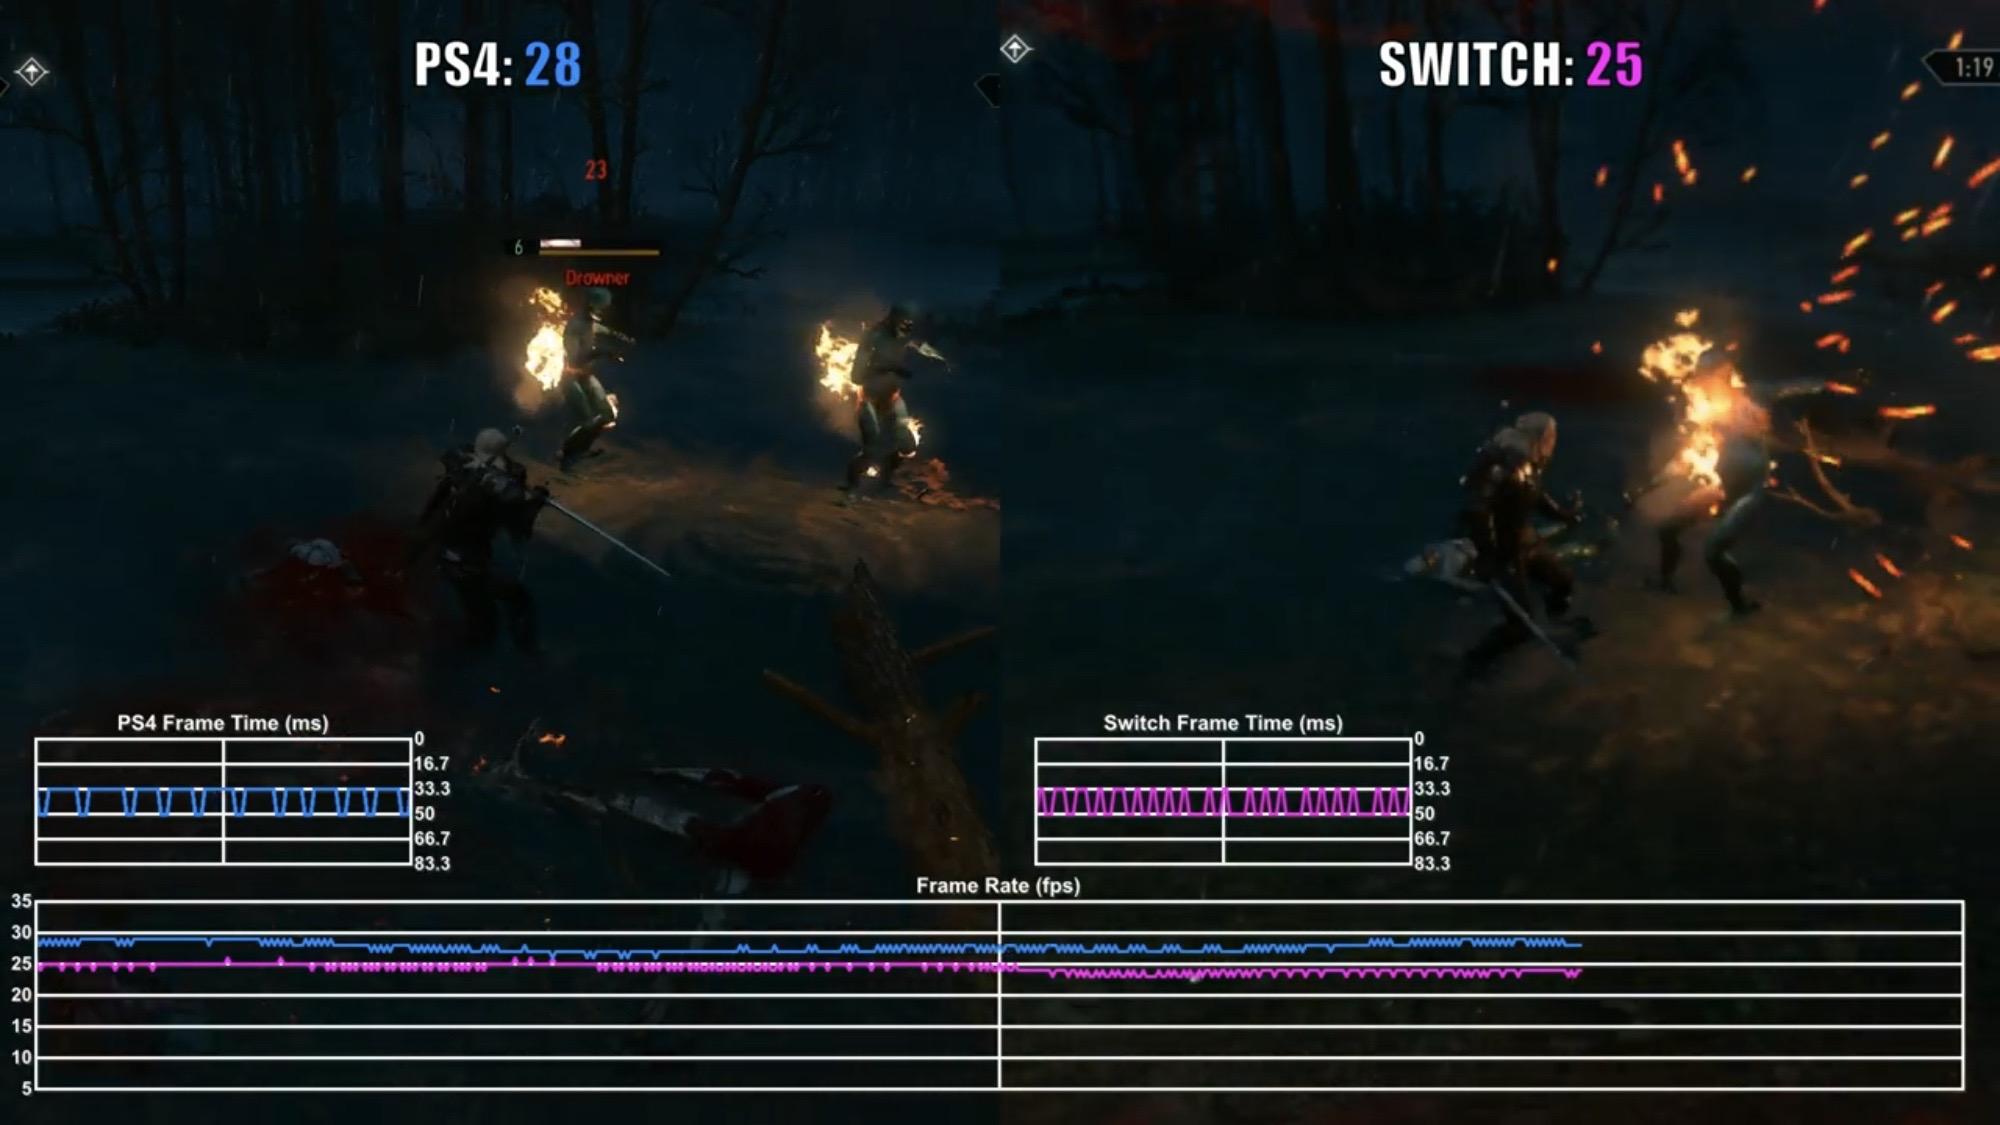 s97F0VB - ウィッチャー3のSwitch vs PS4のフレームレート比較が到着。30fpsで安定していることが判明!